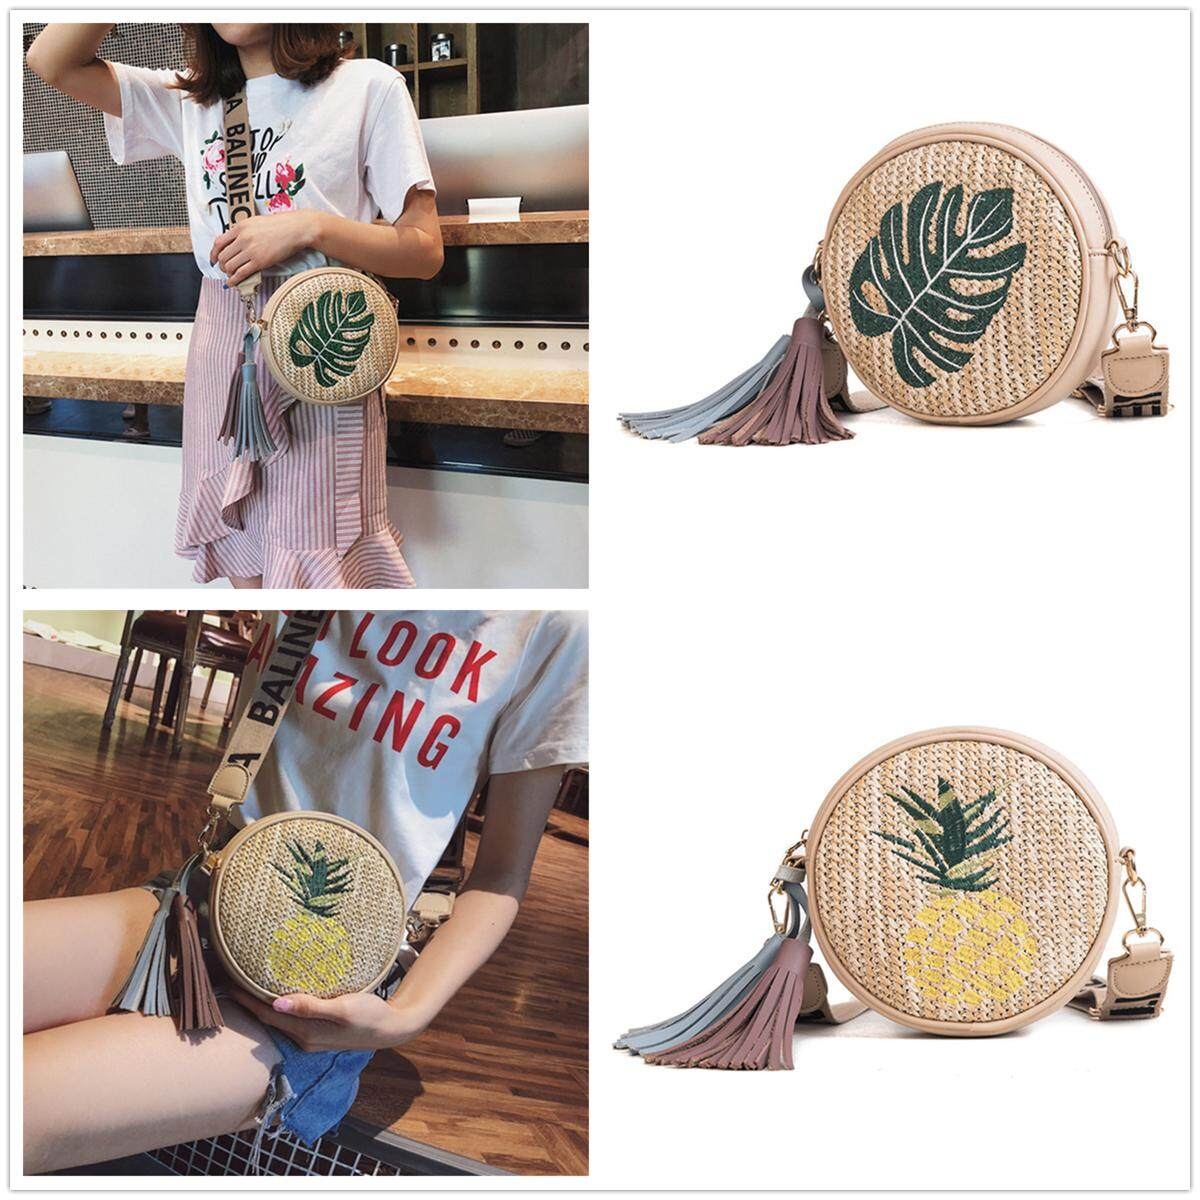 กระเป๋าถือ นักเรียน ผู้หญิง วัยรุ่น ปทุมธานี Women Pineapple Tassel Round Straw Rattan Beach Shoulder Bag Lady Travel Handbag